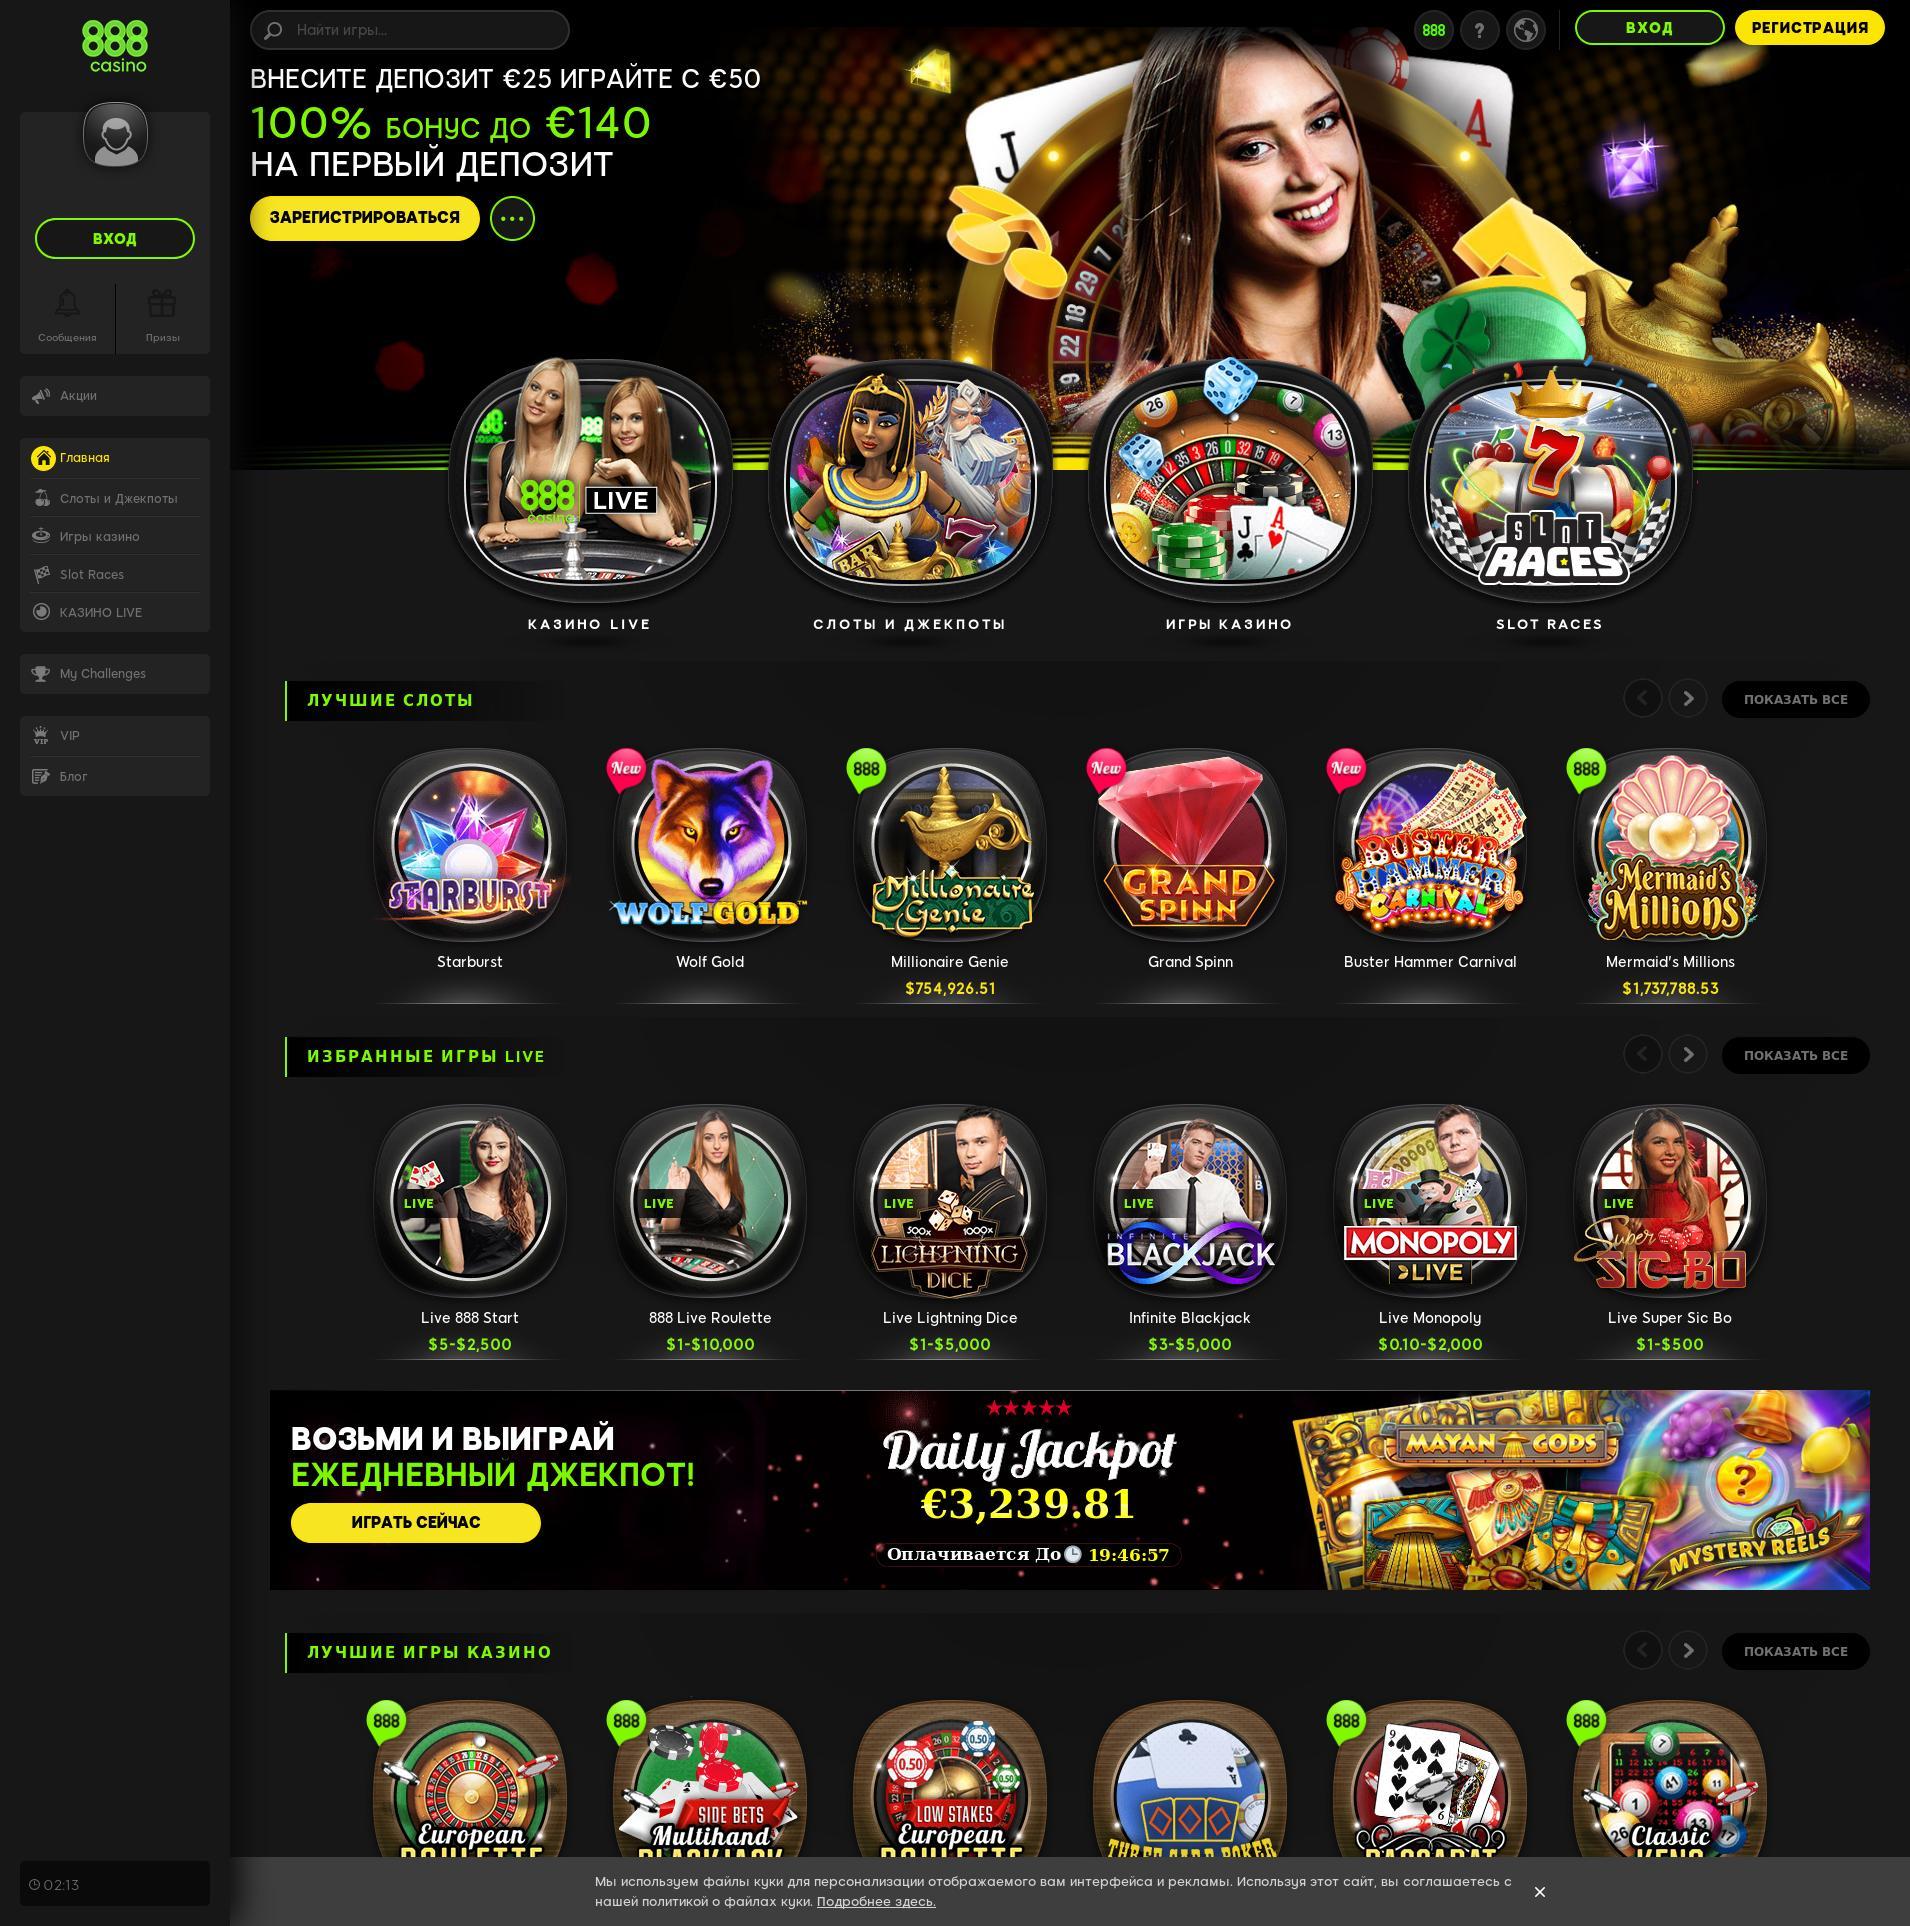 Casino screen Lobby 2019-08-18 for Ukraine